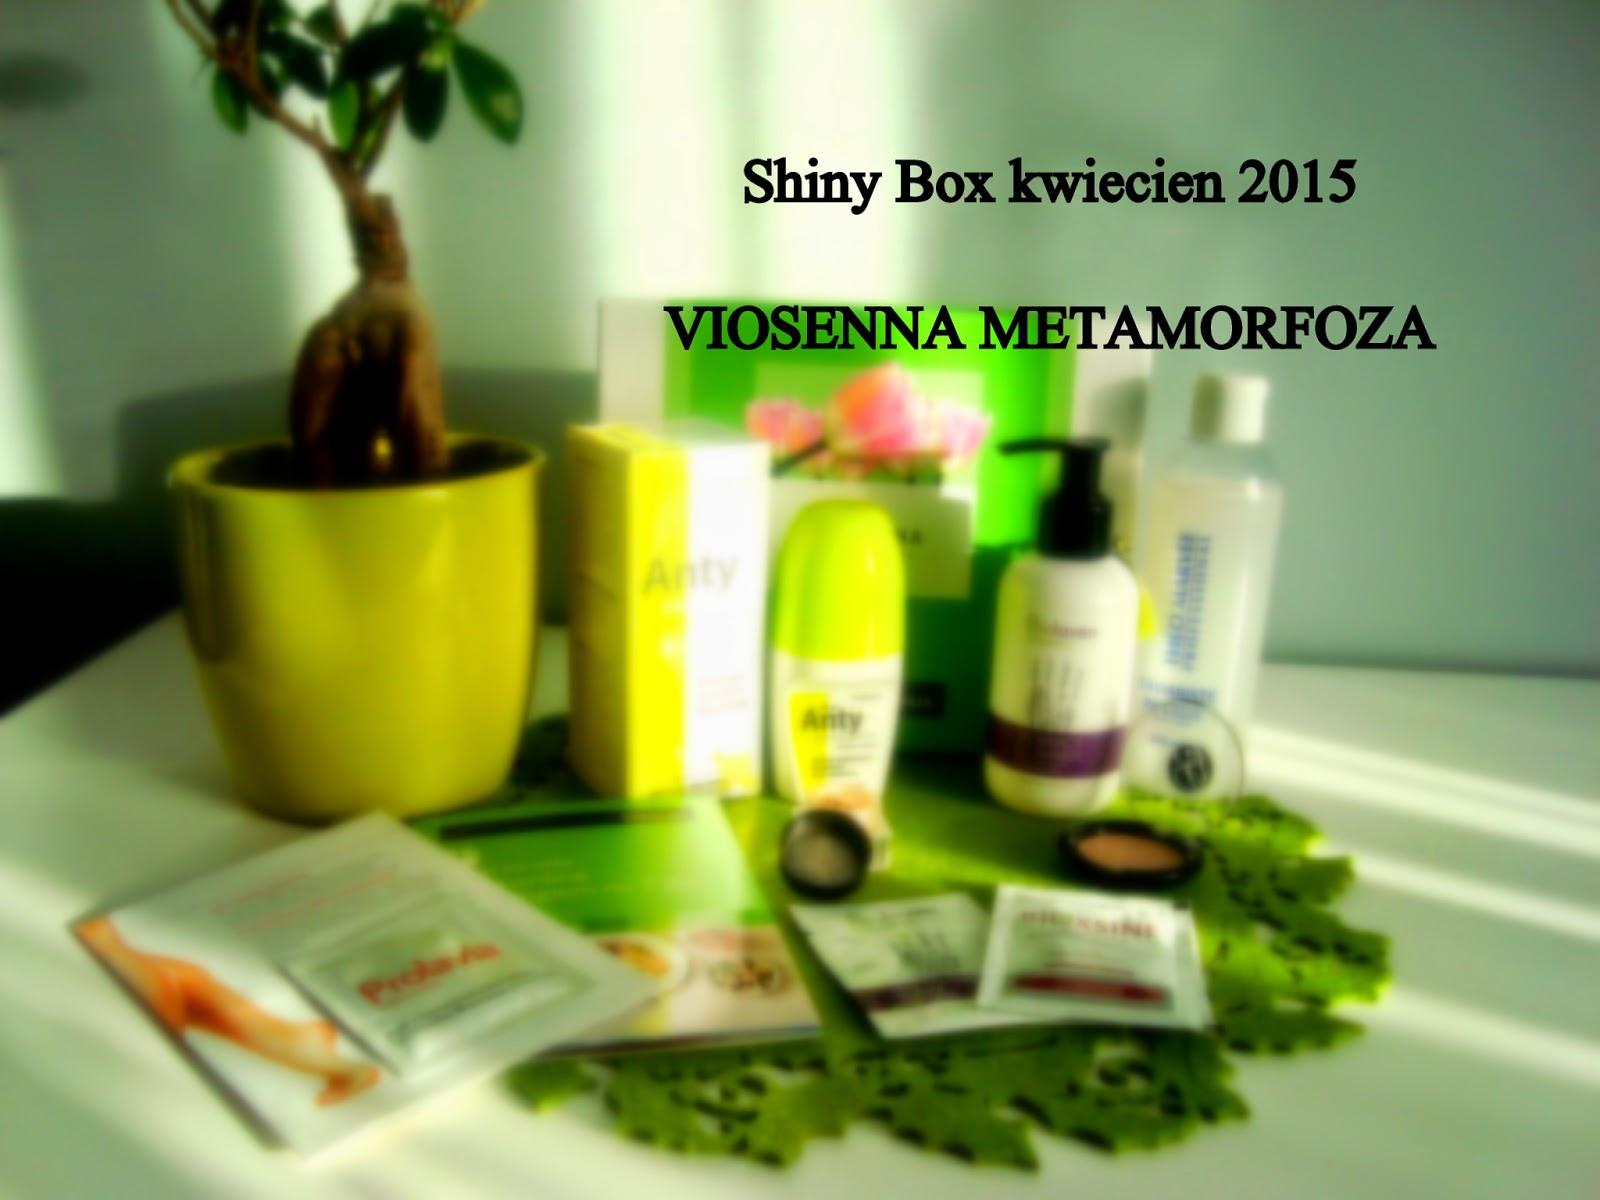 Shiny Box kwiecień 2015 - Viosenna Metamorfoza